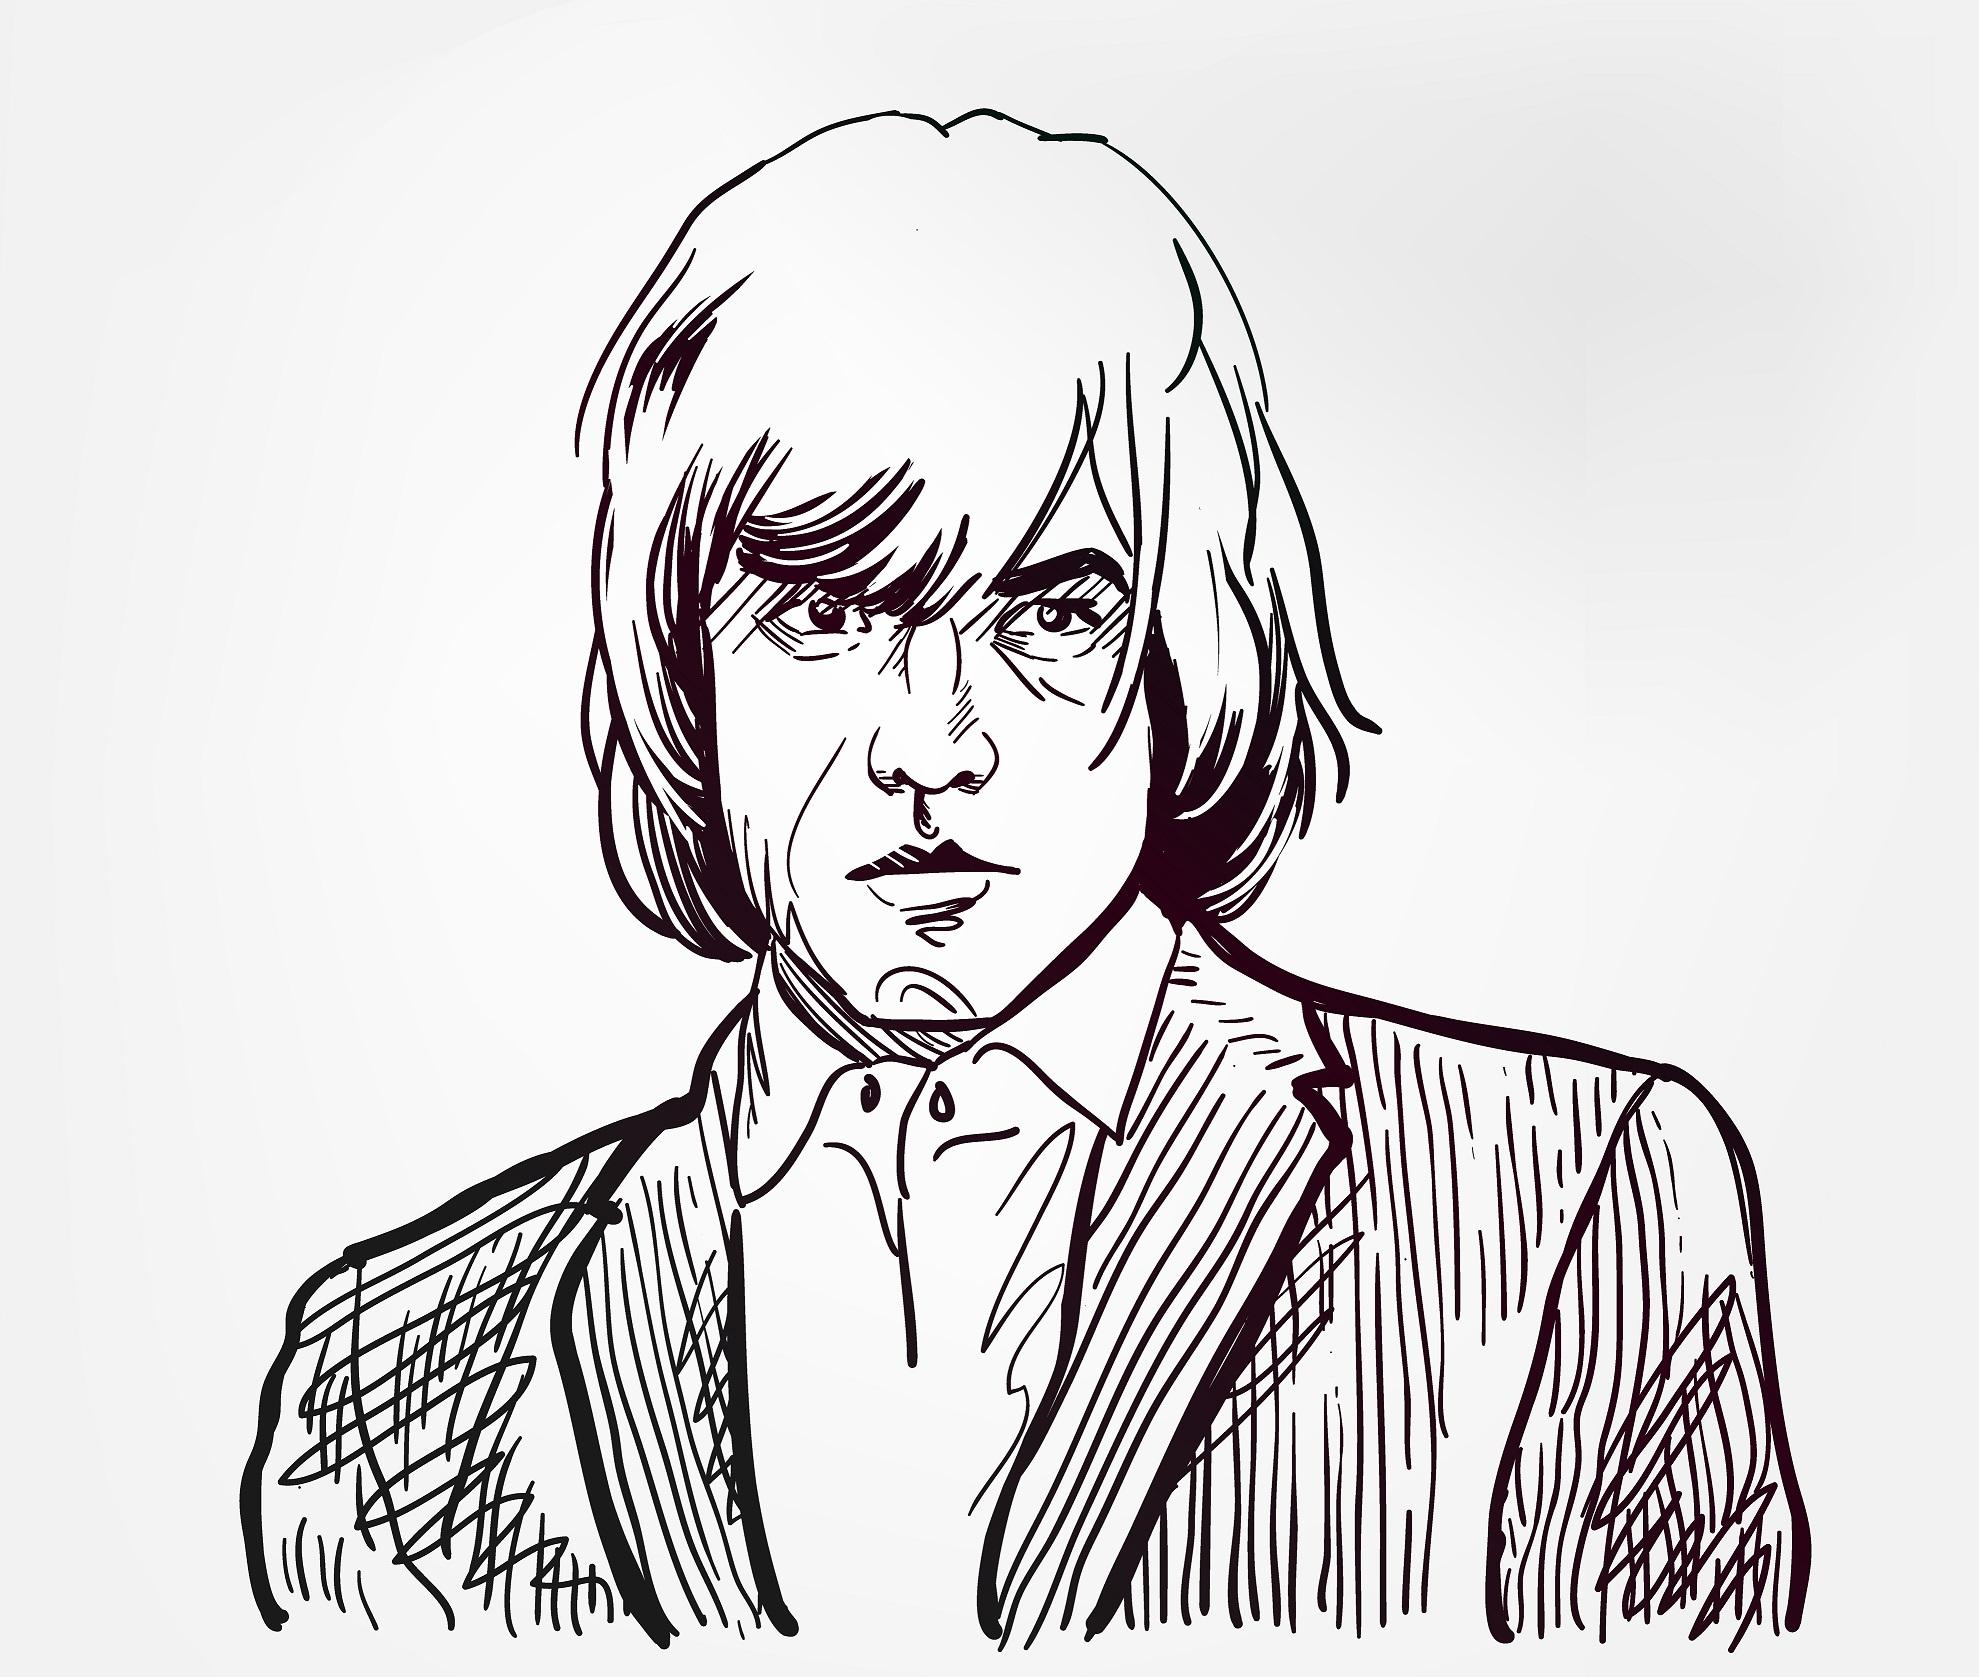 Brian Jones: la vita, la morte e i misteri del fondatore dei Rolling Stones ricostruiti in un documentario